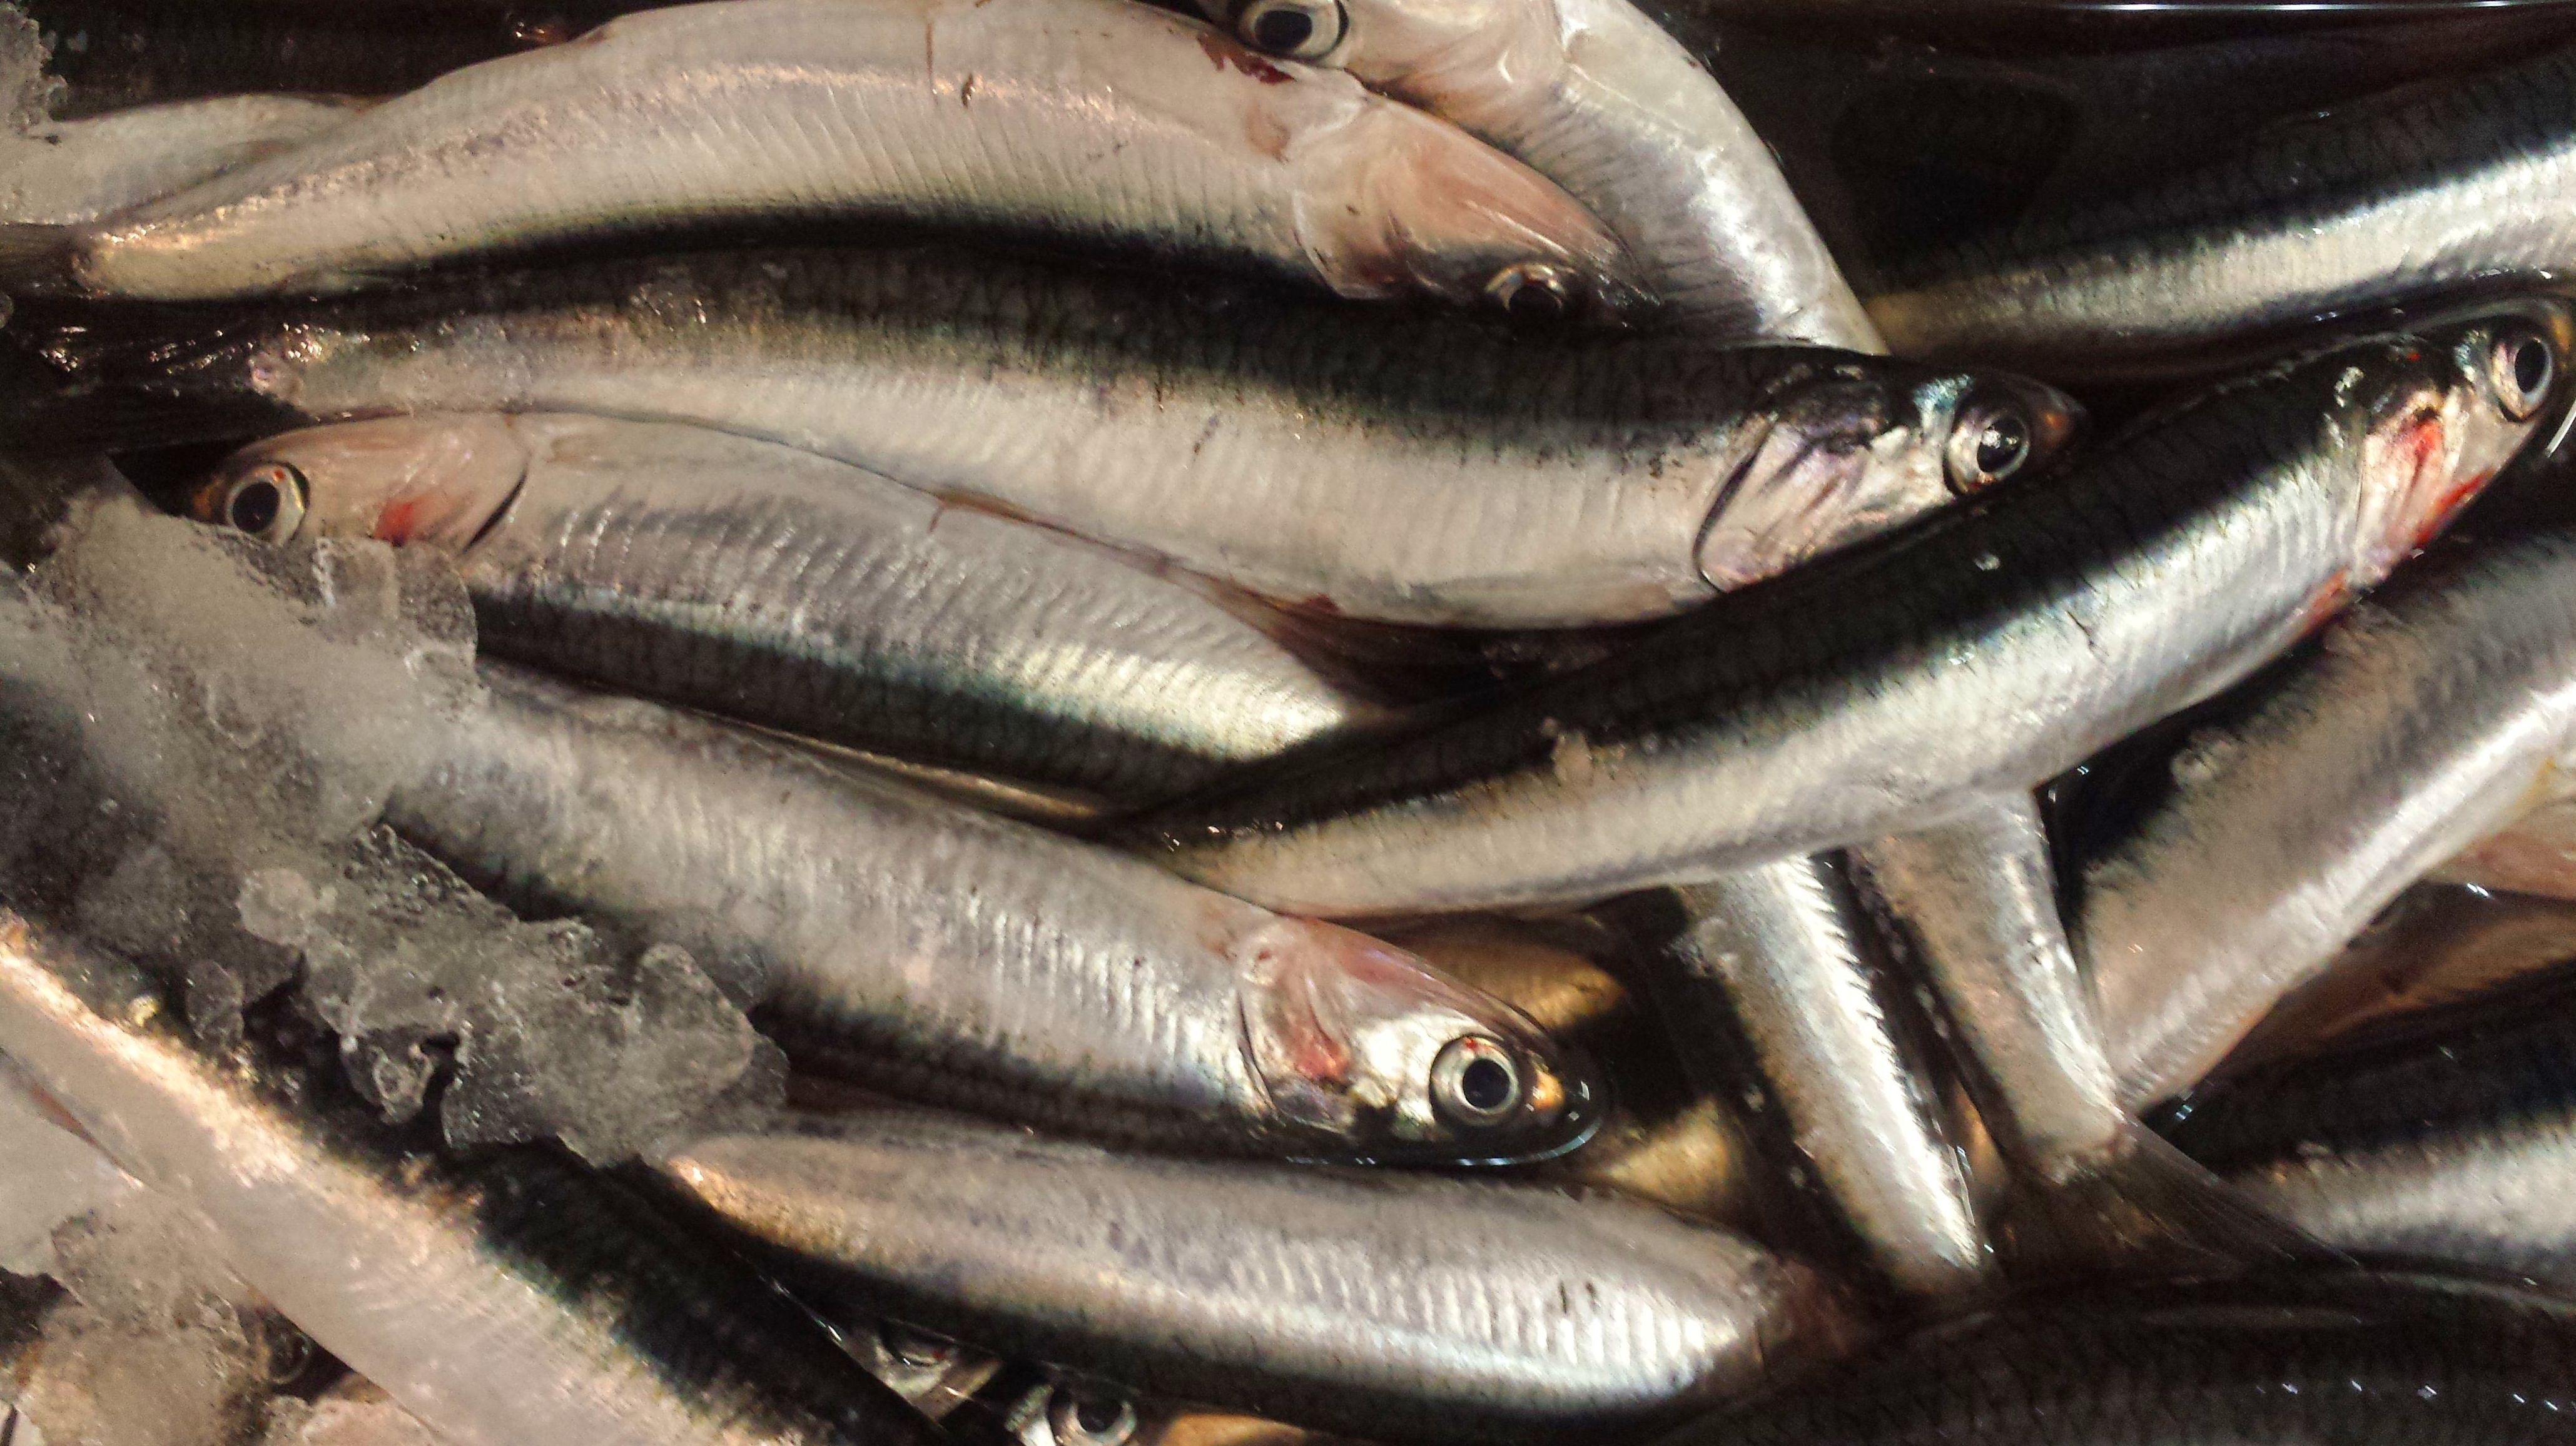 Foto 38 de Venta y distribución de pescados y mariscos del Cantábrico en Gijón | Pescastur